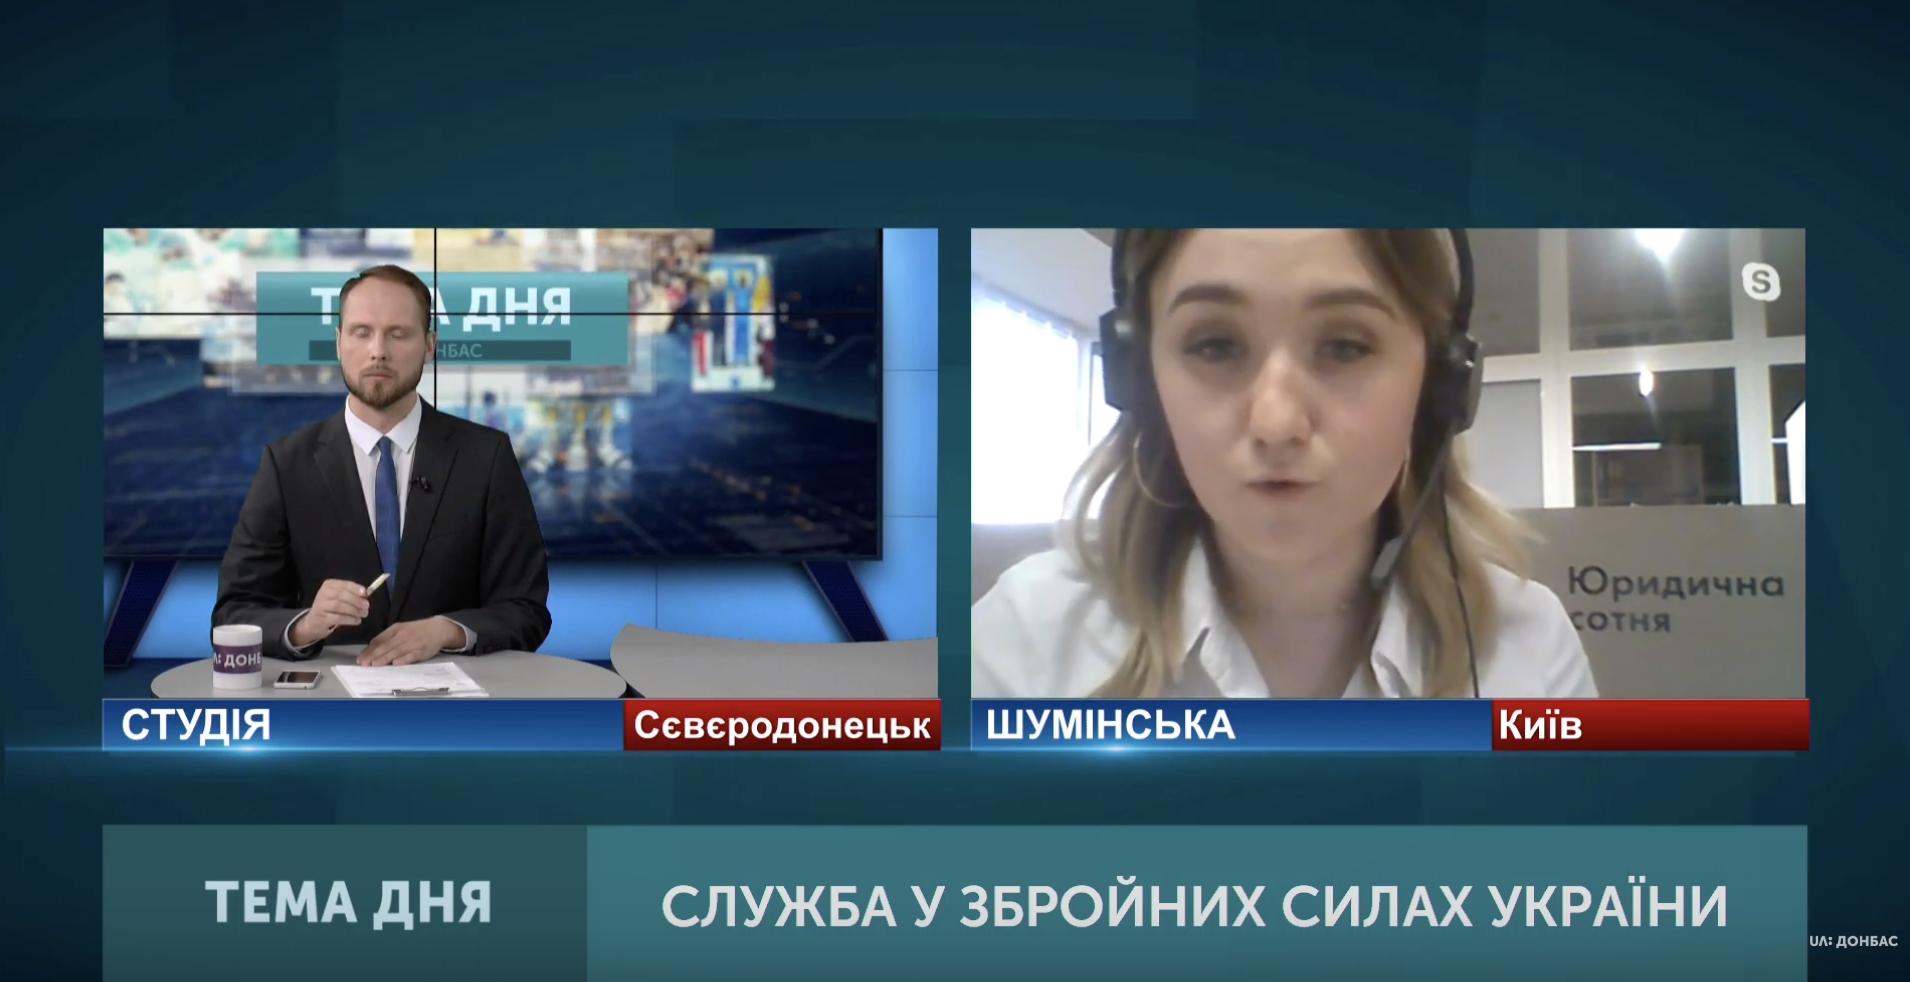 Тема дня: Служба у Збройних силах України